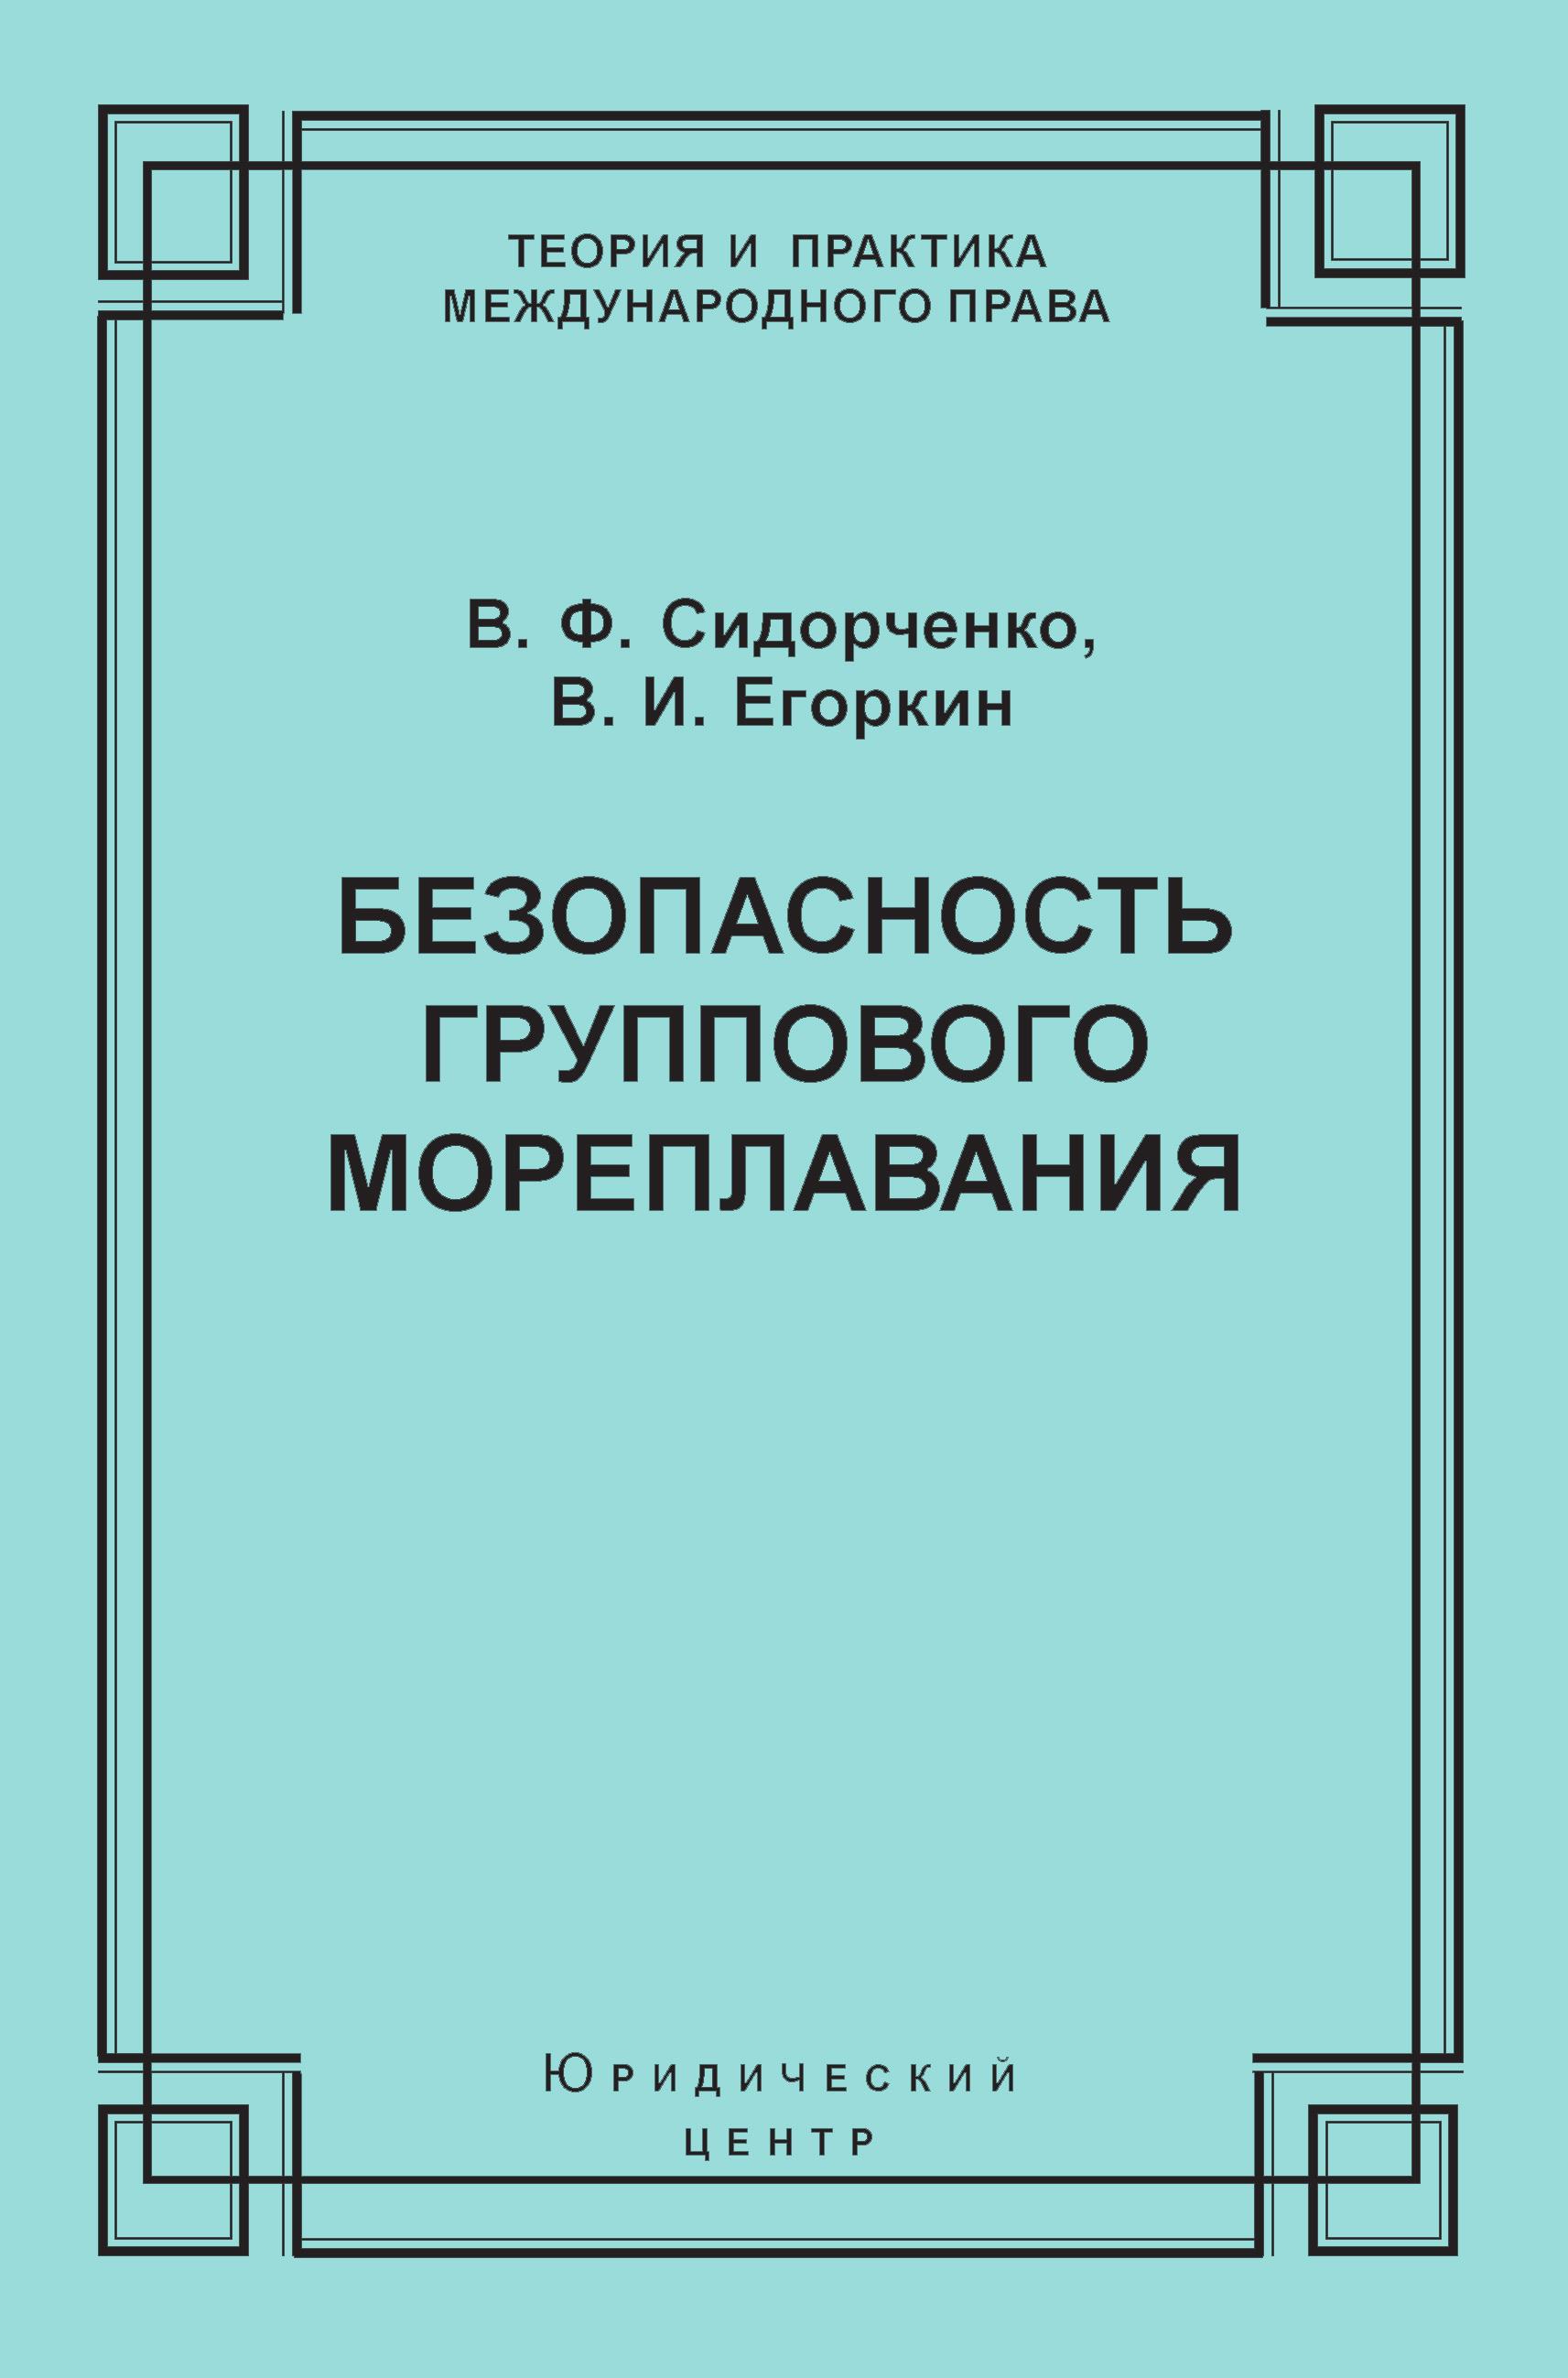 В. Ф. Сидорченко Безопасность группового мореплавания. Международно-правовые аспекты в ф сидорченко кораблекрушения на море